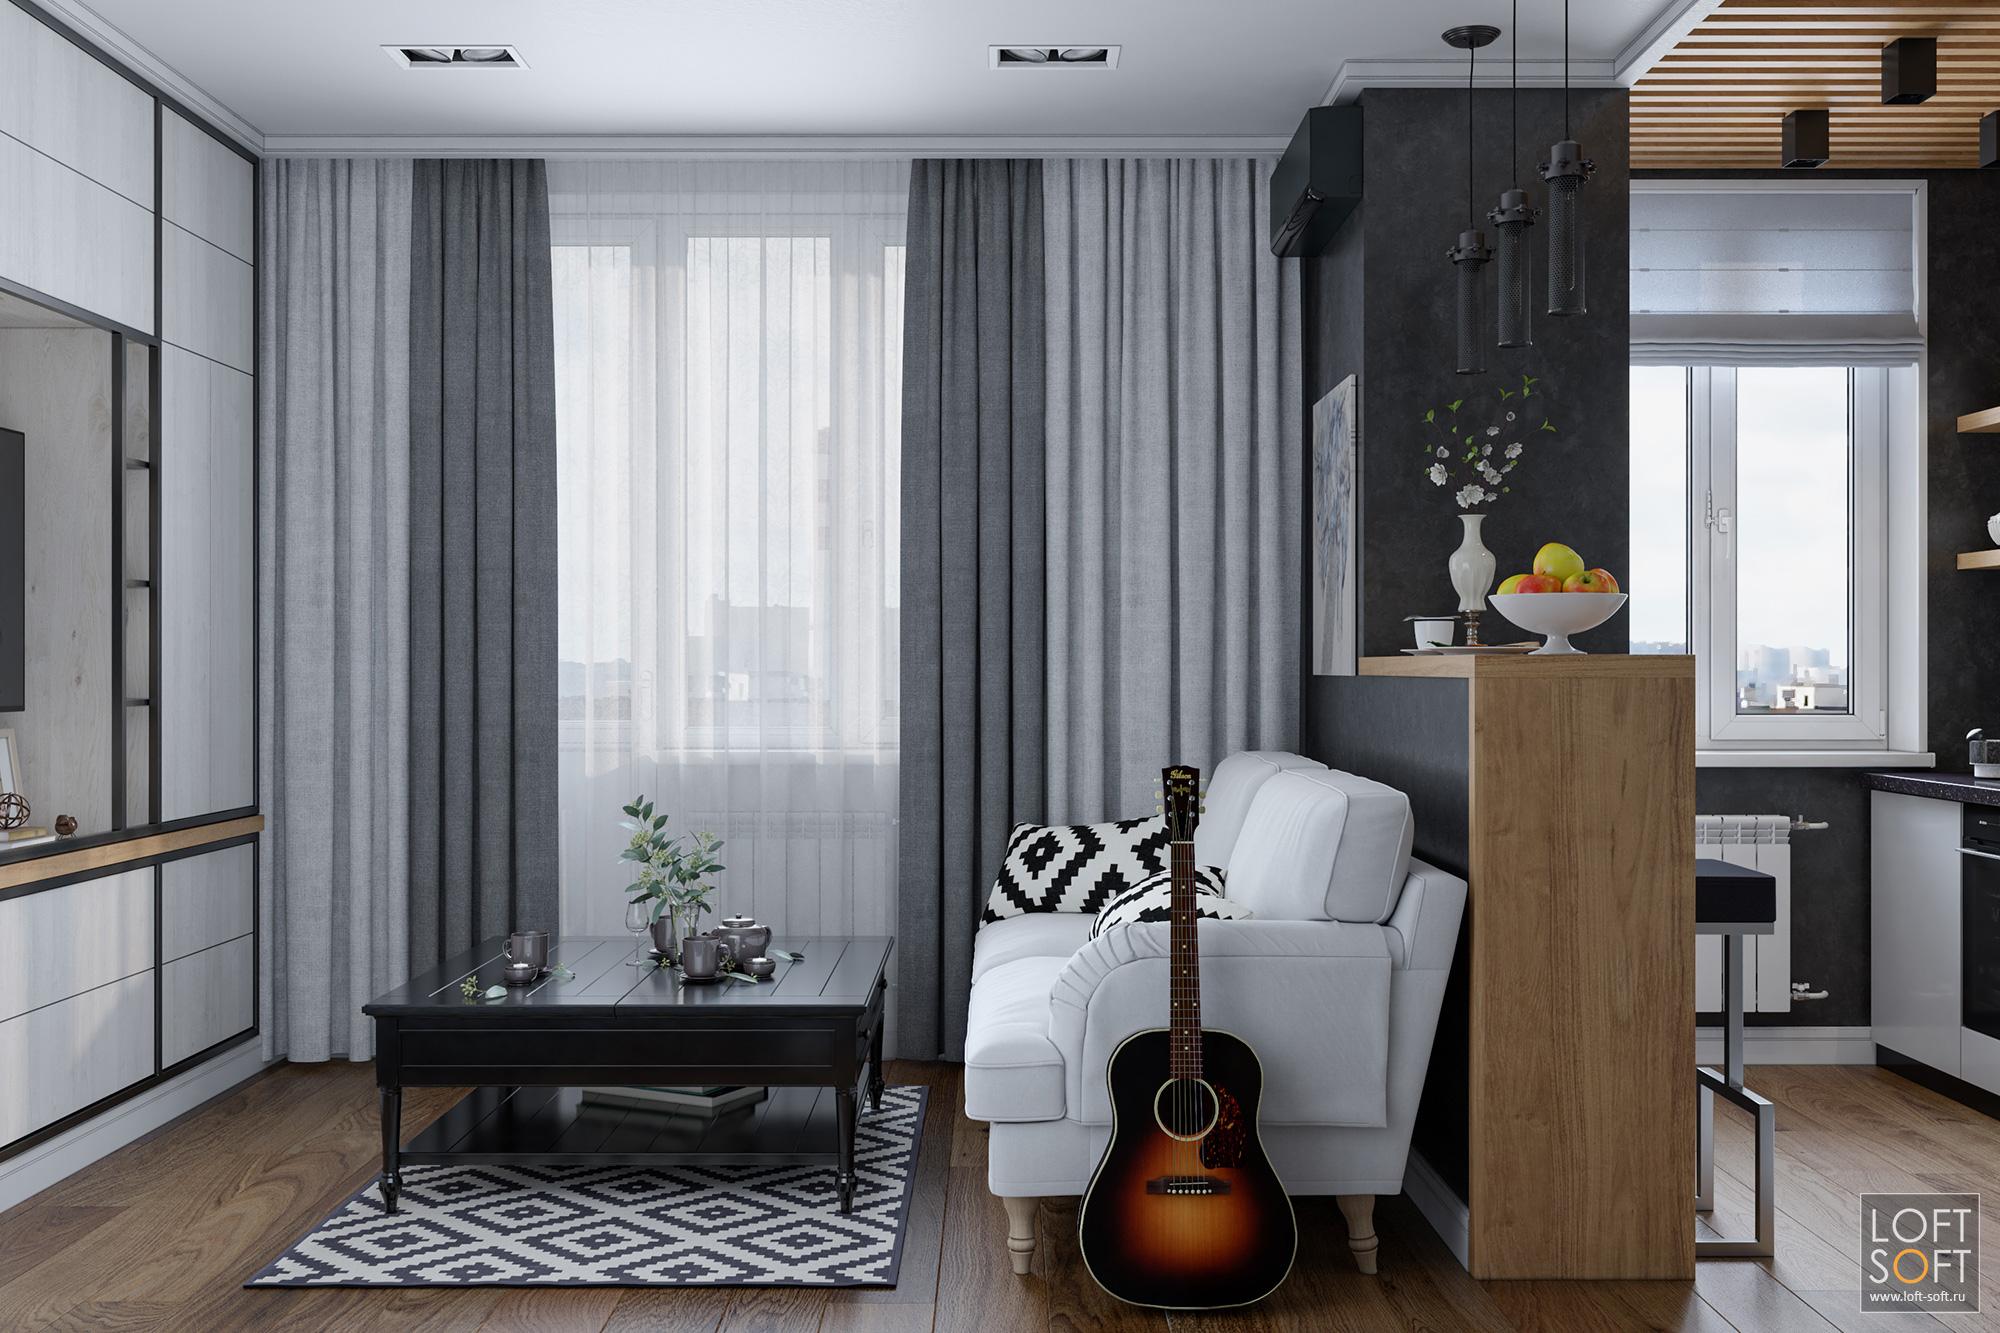 Современный дизайн однокомнатной квартиры. Черные стены ирейки напотолке.